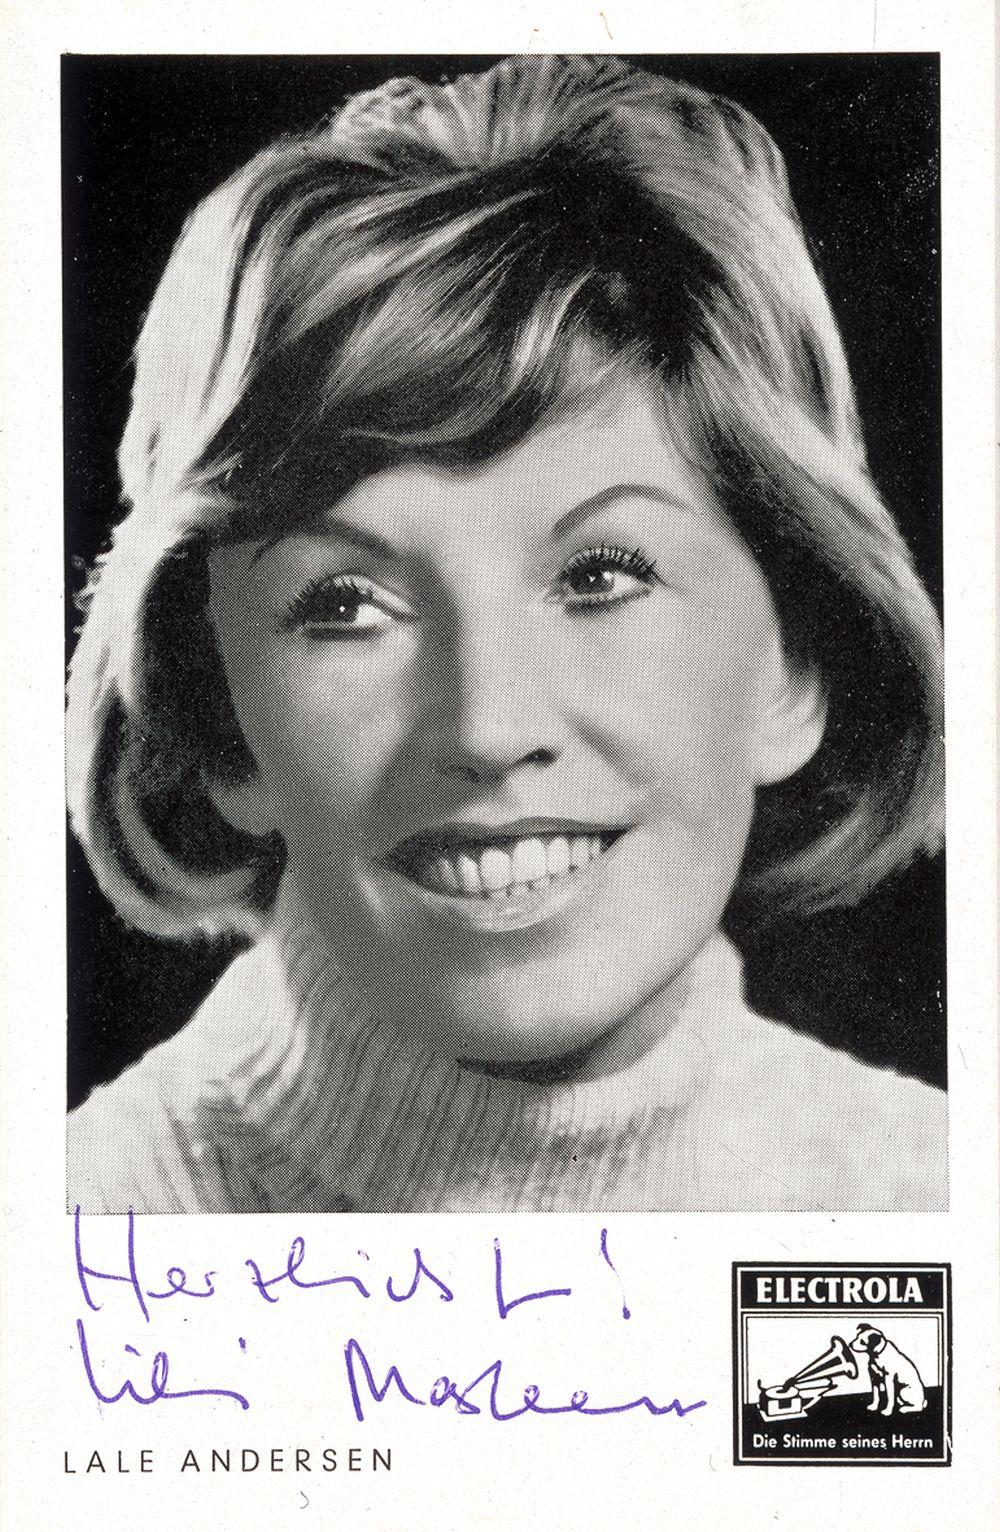 Autogrammkarte von Lale Andersen